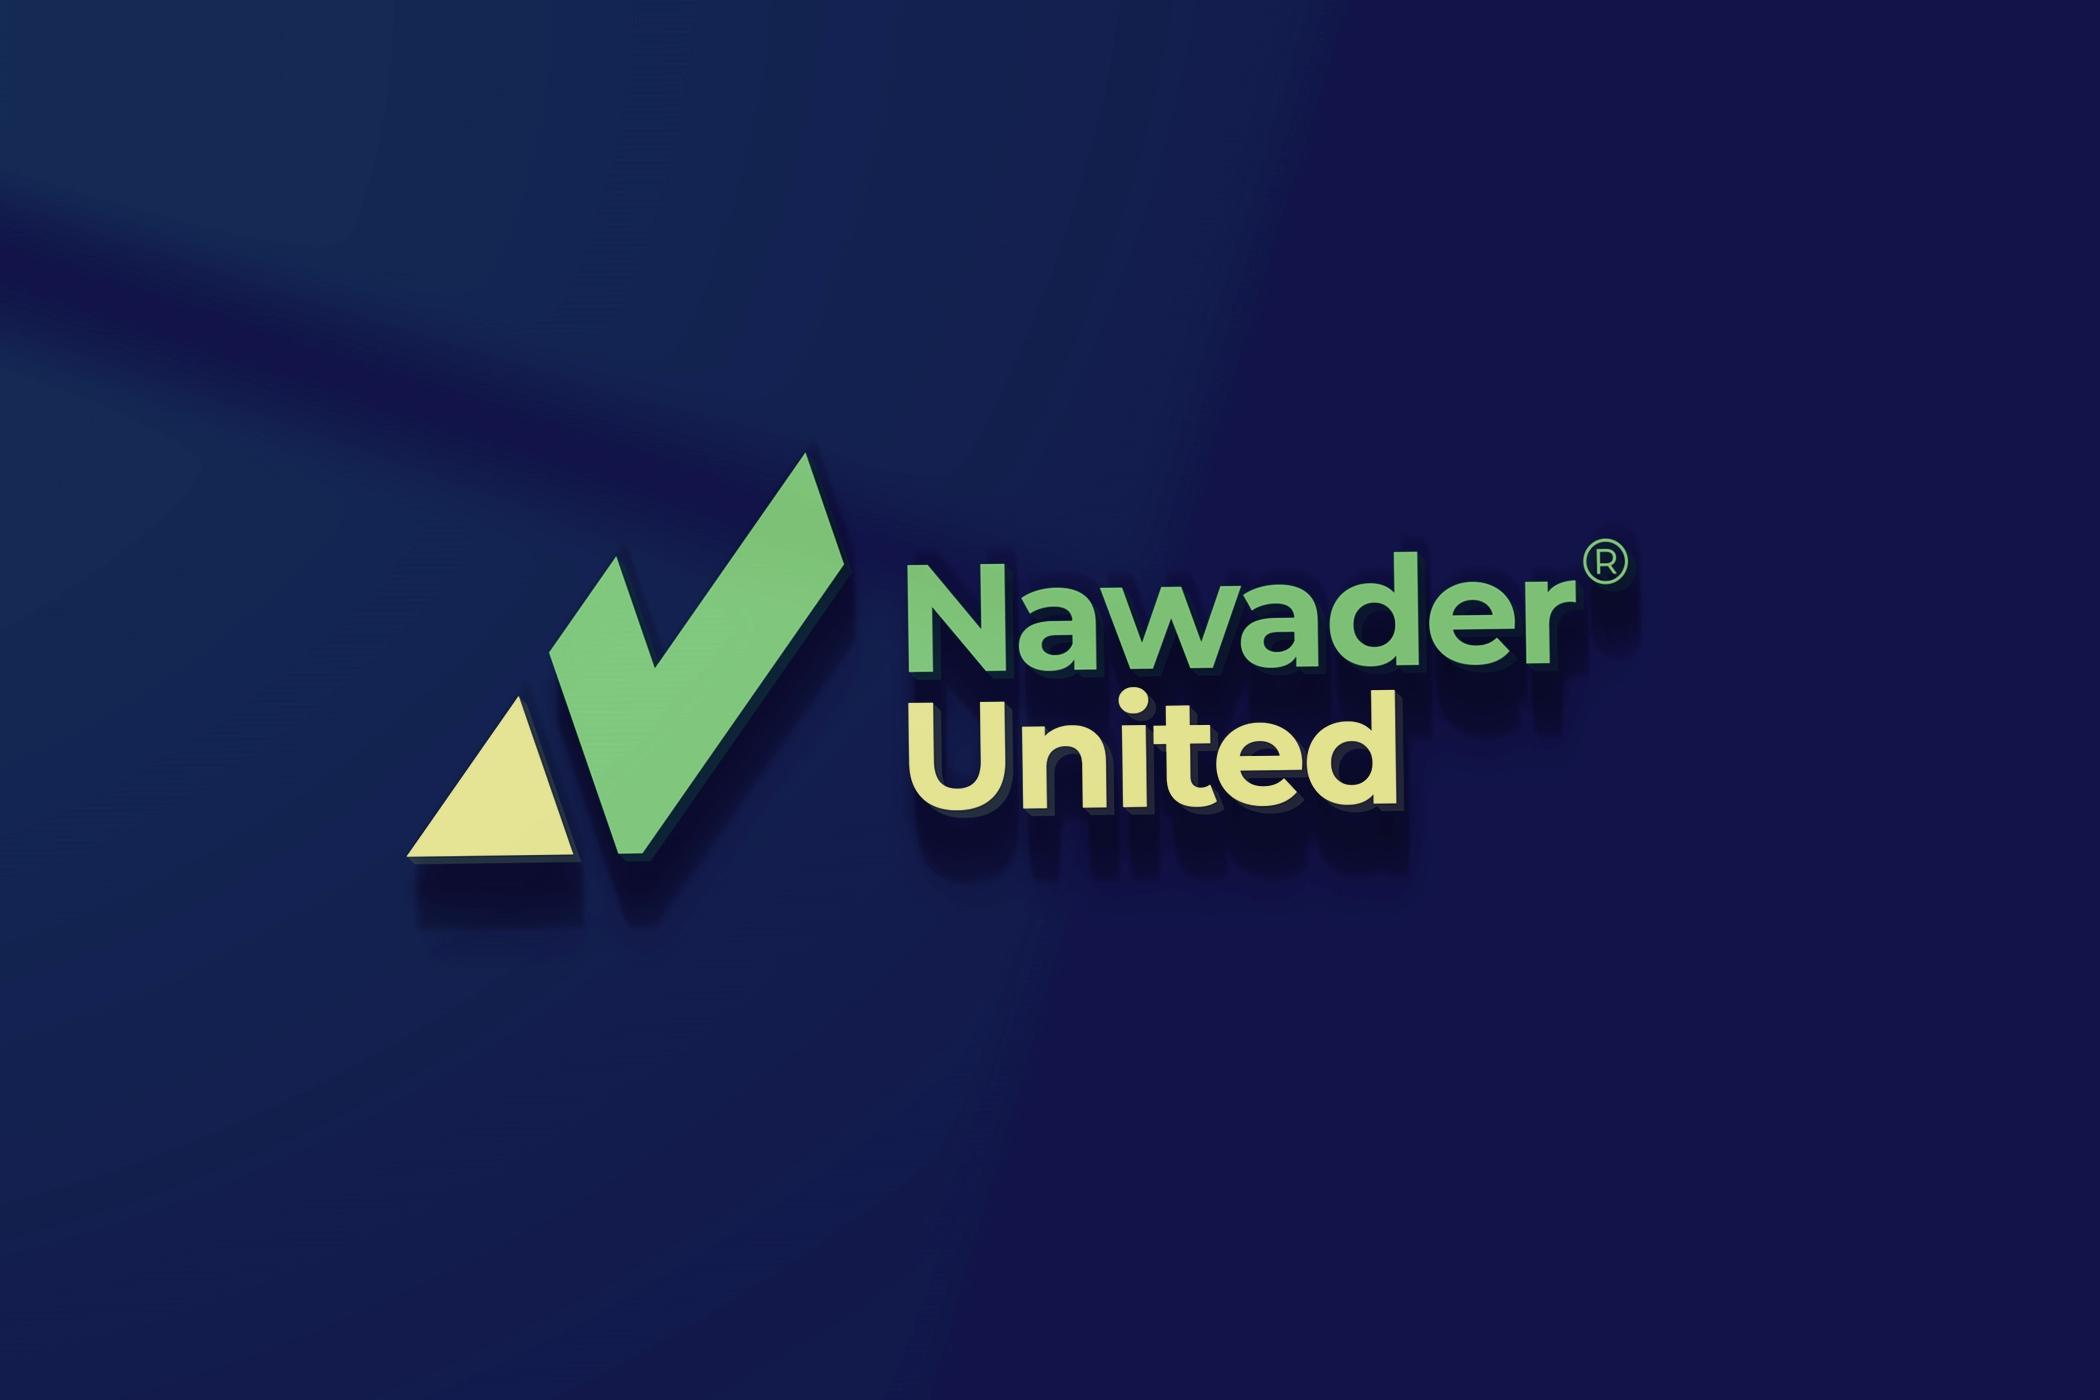 Nawader United Logo Mockup